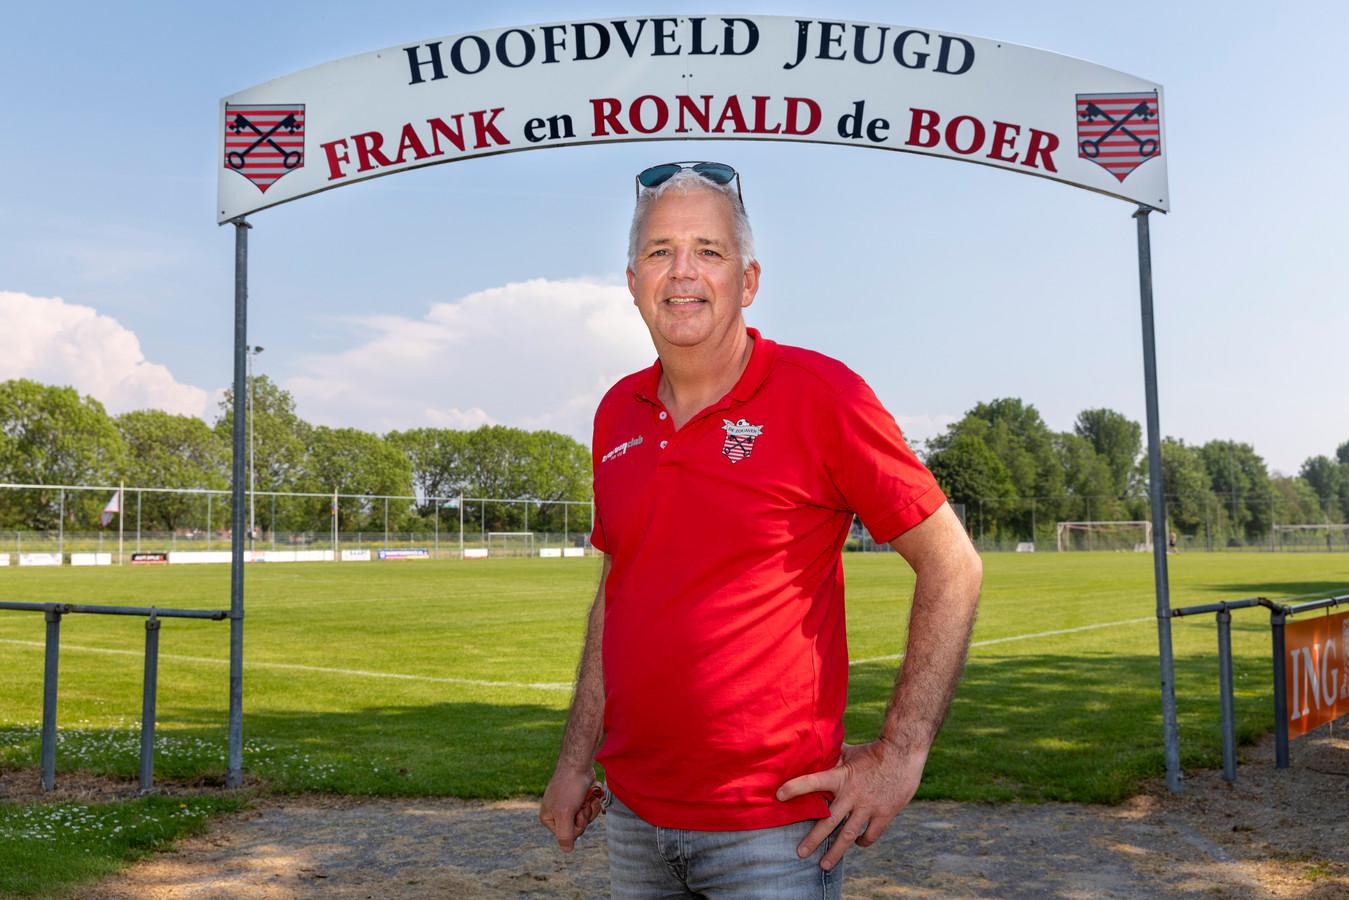 Een jeugdveld vernoemd naar de gebroeders de Boer. Op de voorgrond Cees Deen, de voorzitter van de club.